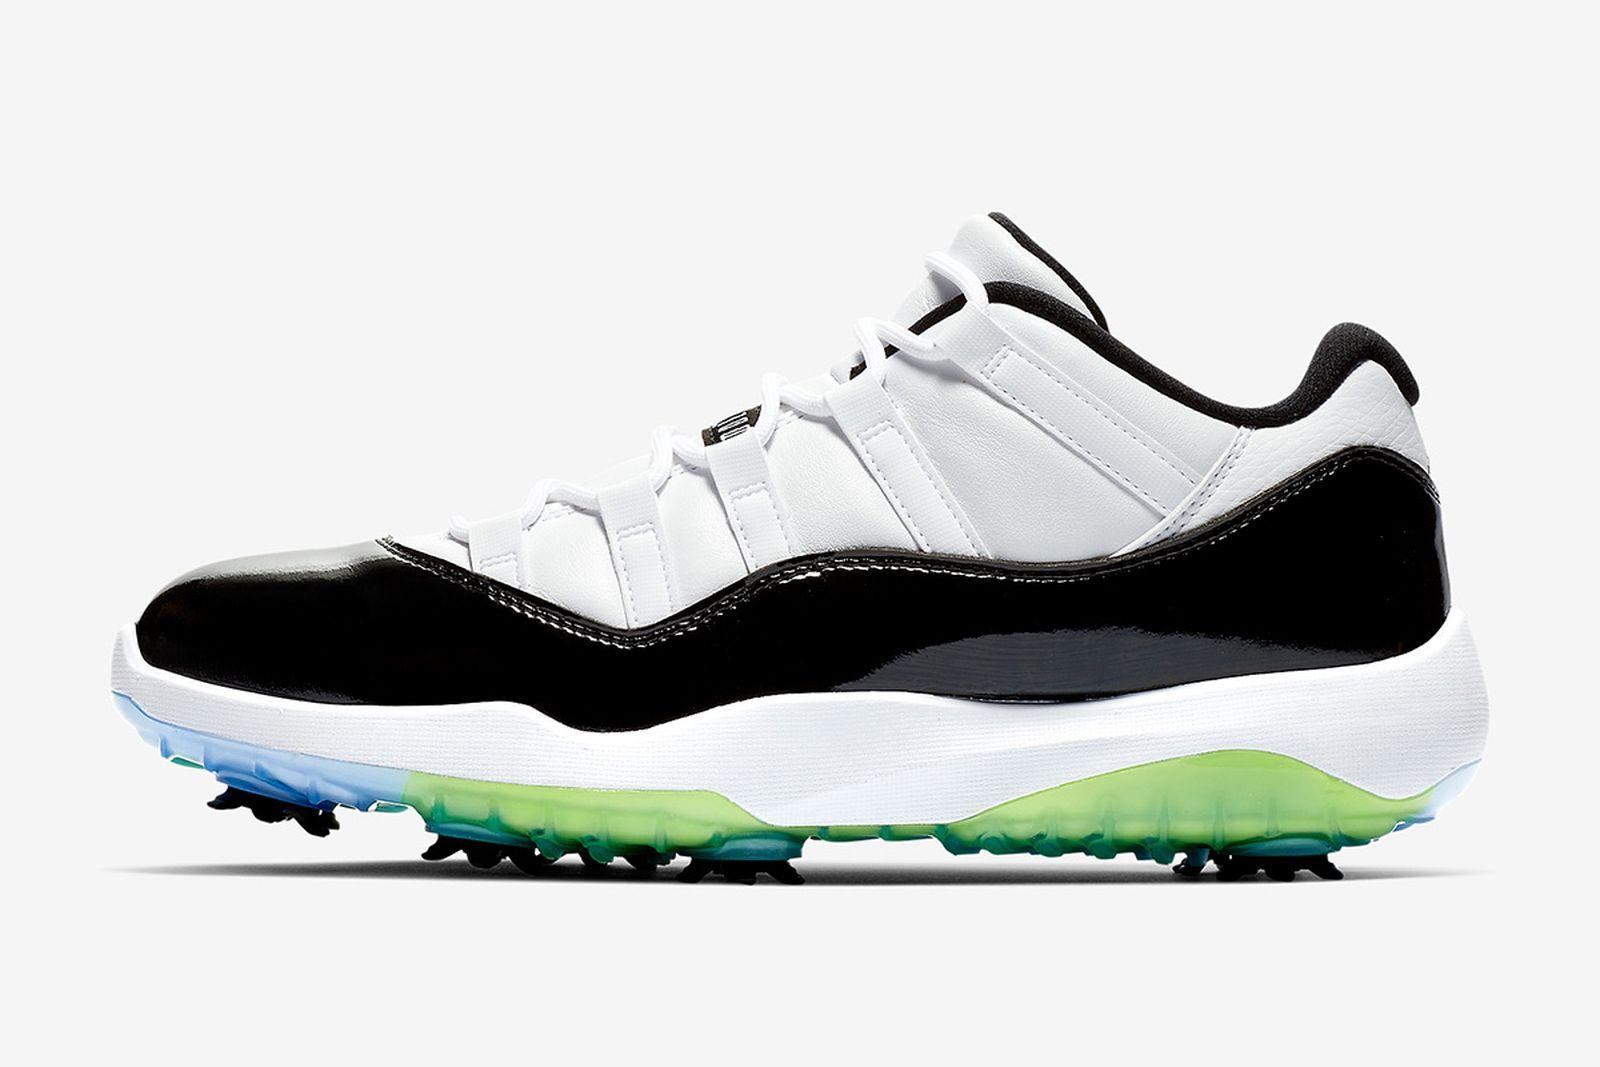 nike-golf-sneakers-07